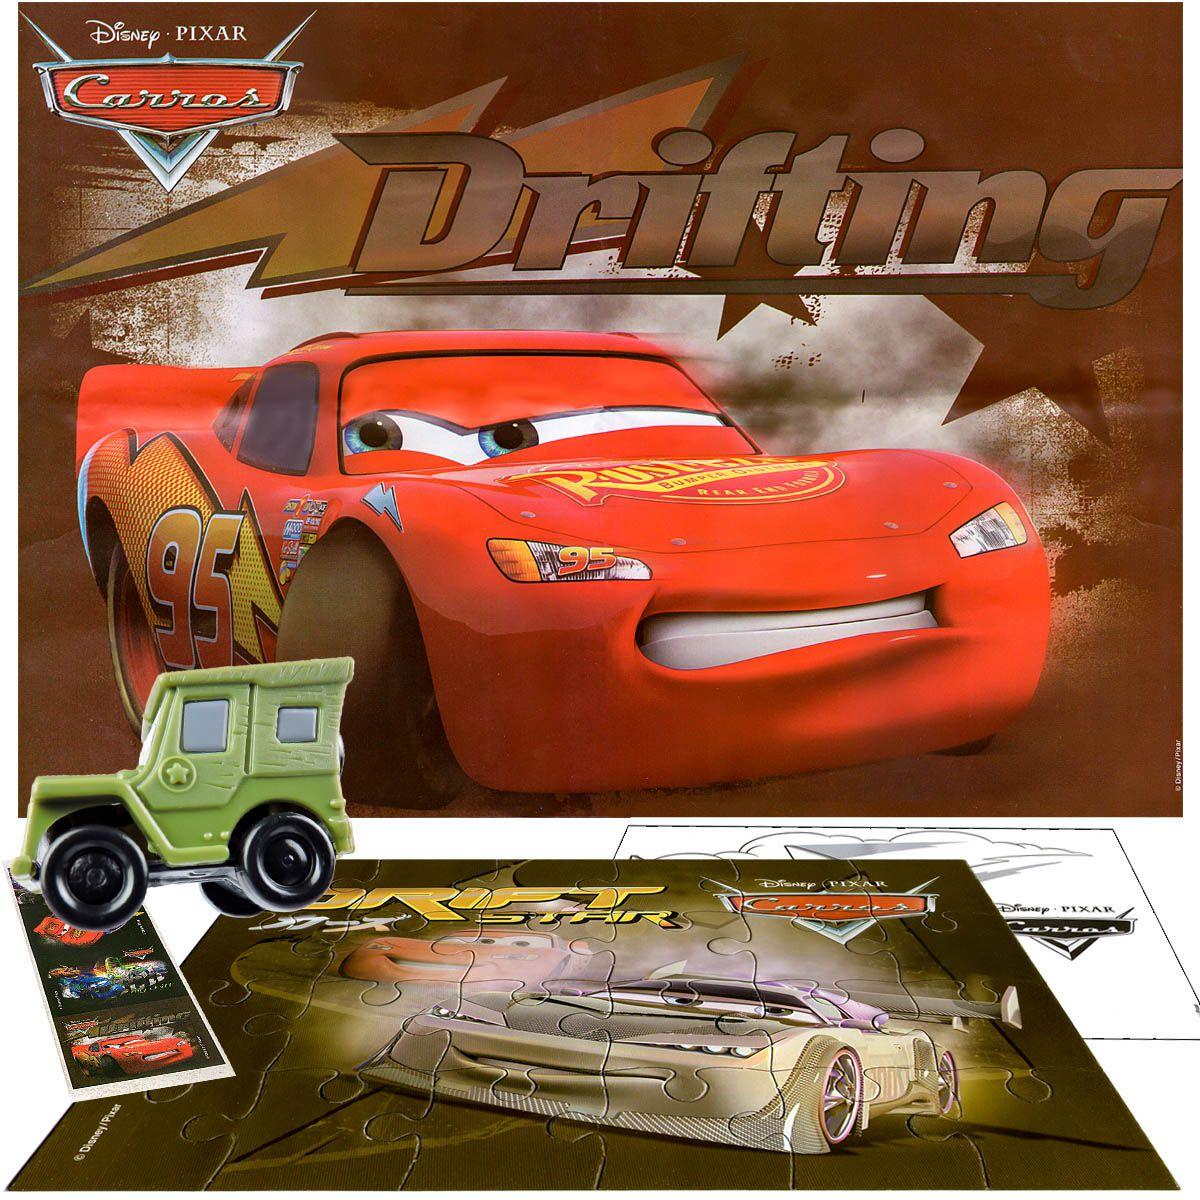 Sargento Personagem Carros Disney + Quebra Cabeça + Posters +Adesivo